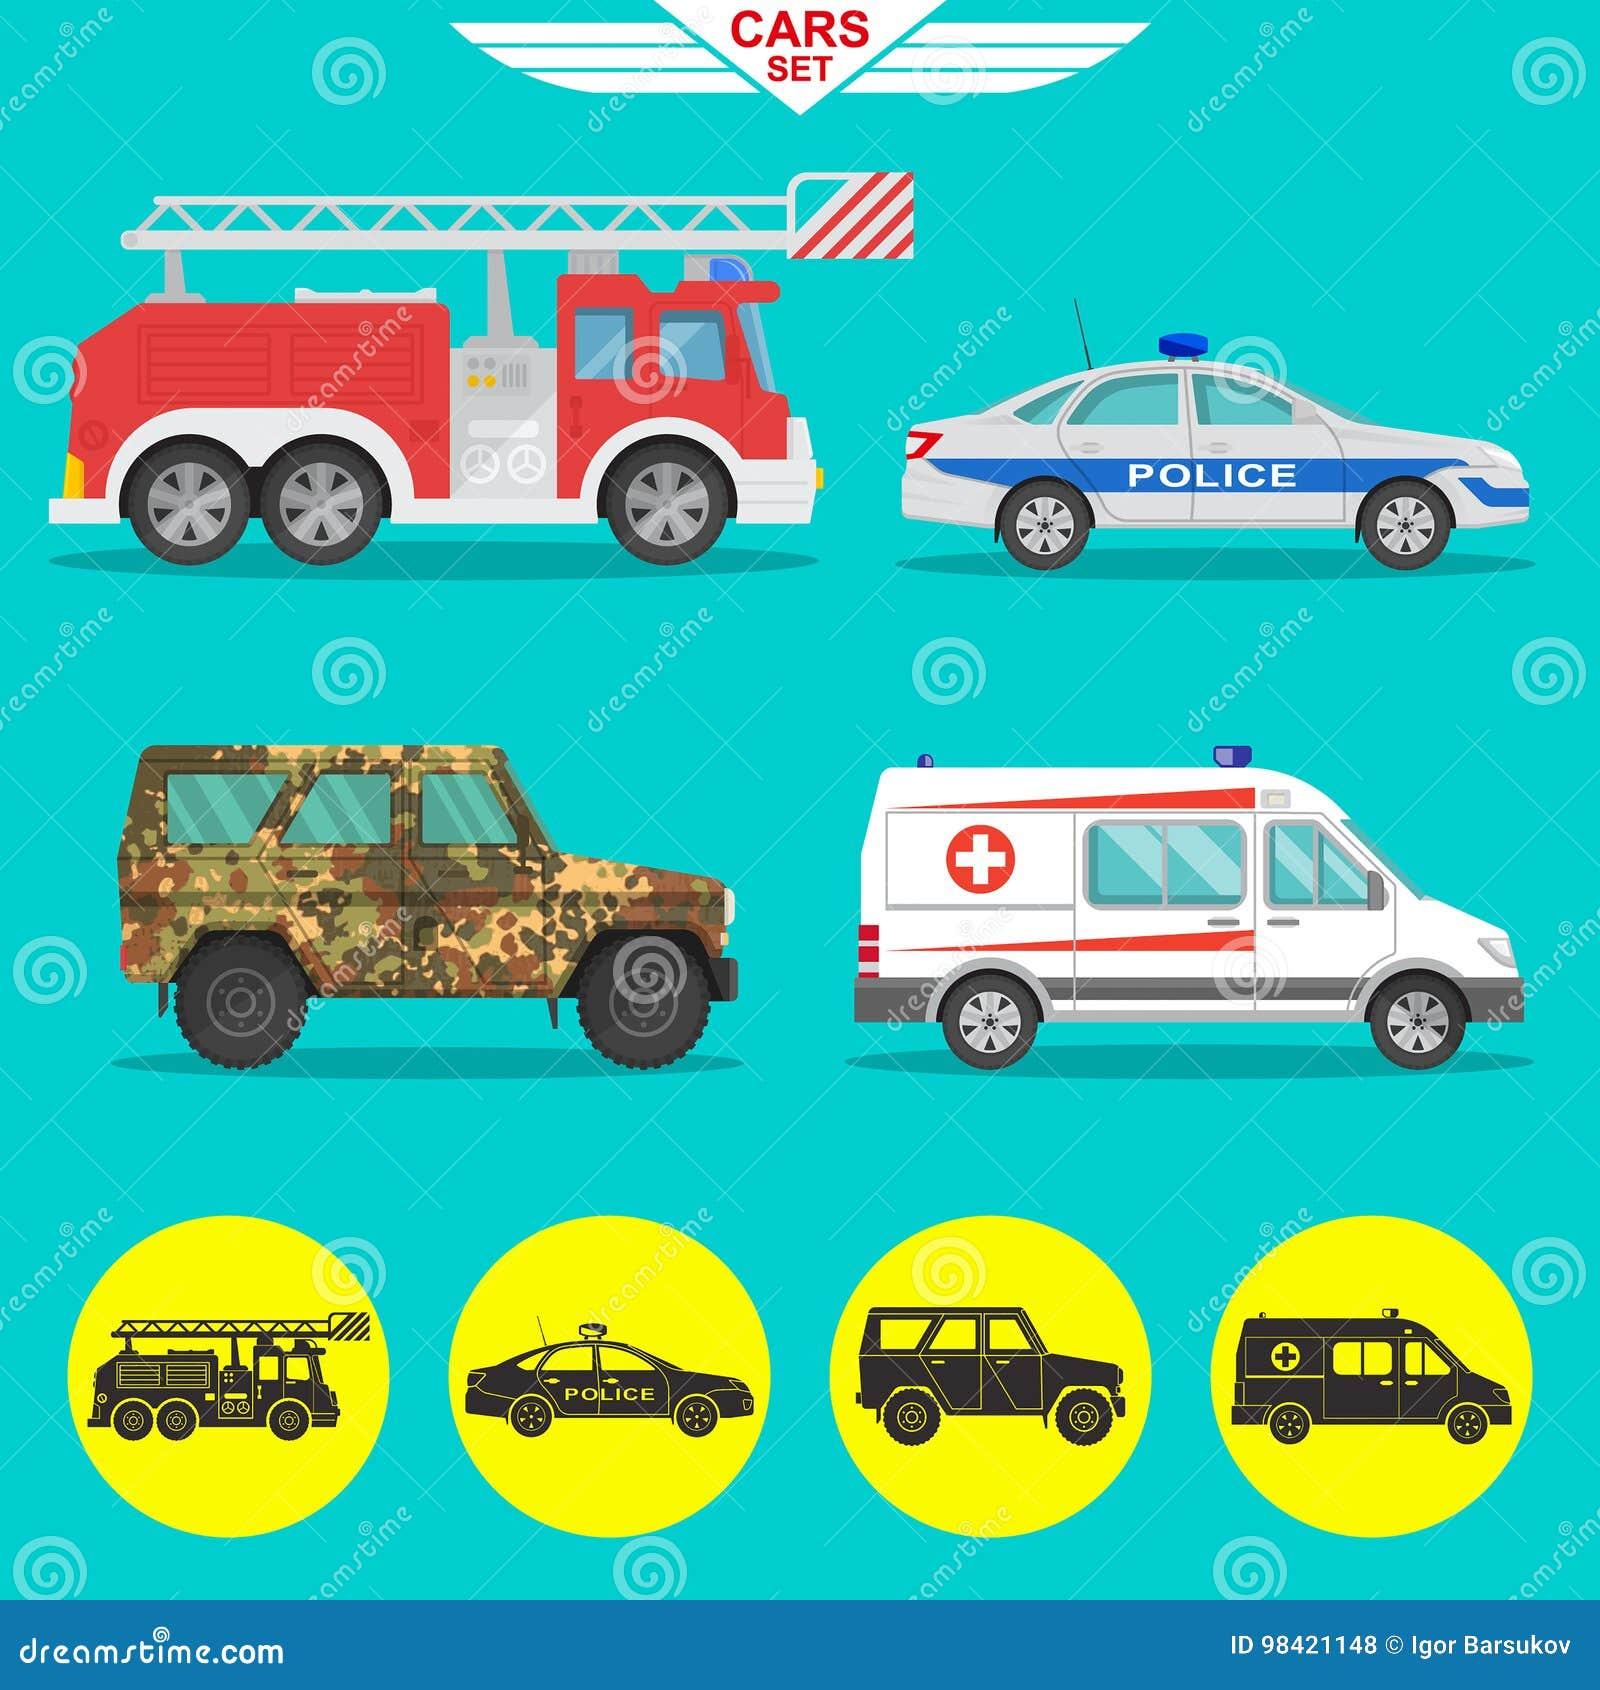 Conjunto de vehículos - coche, omnibus, alimentador